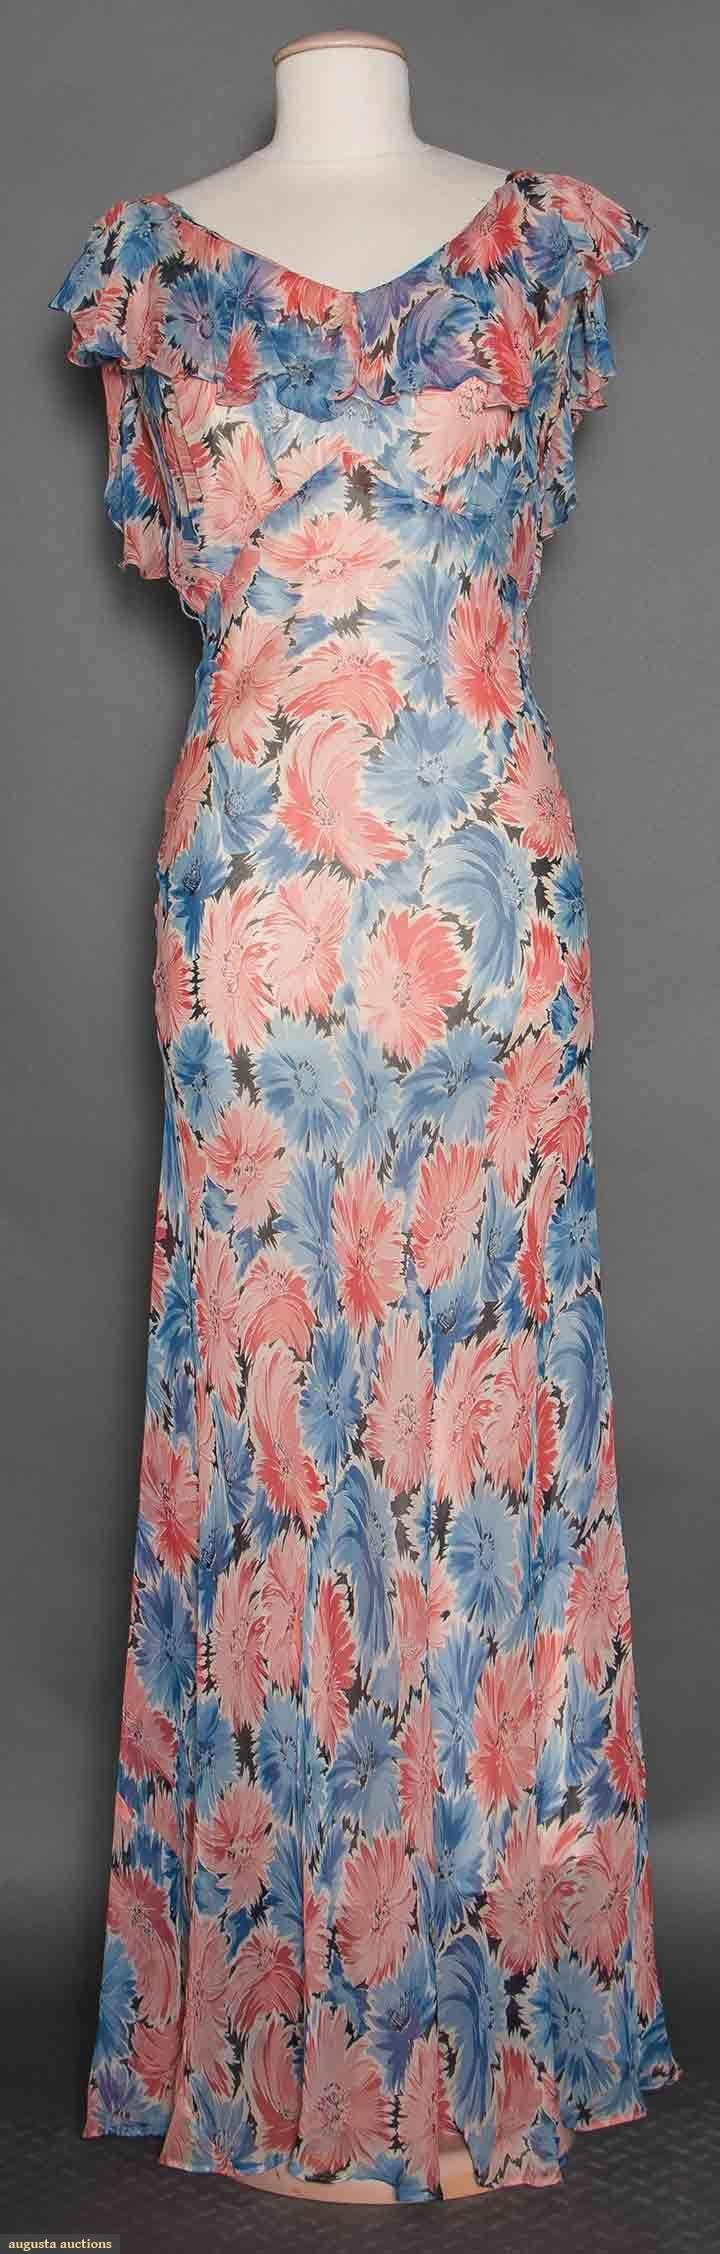 547 mejores imágenes de 1930. a 1949 vestimenta en Pinterest | Moda ...